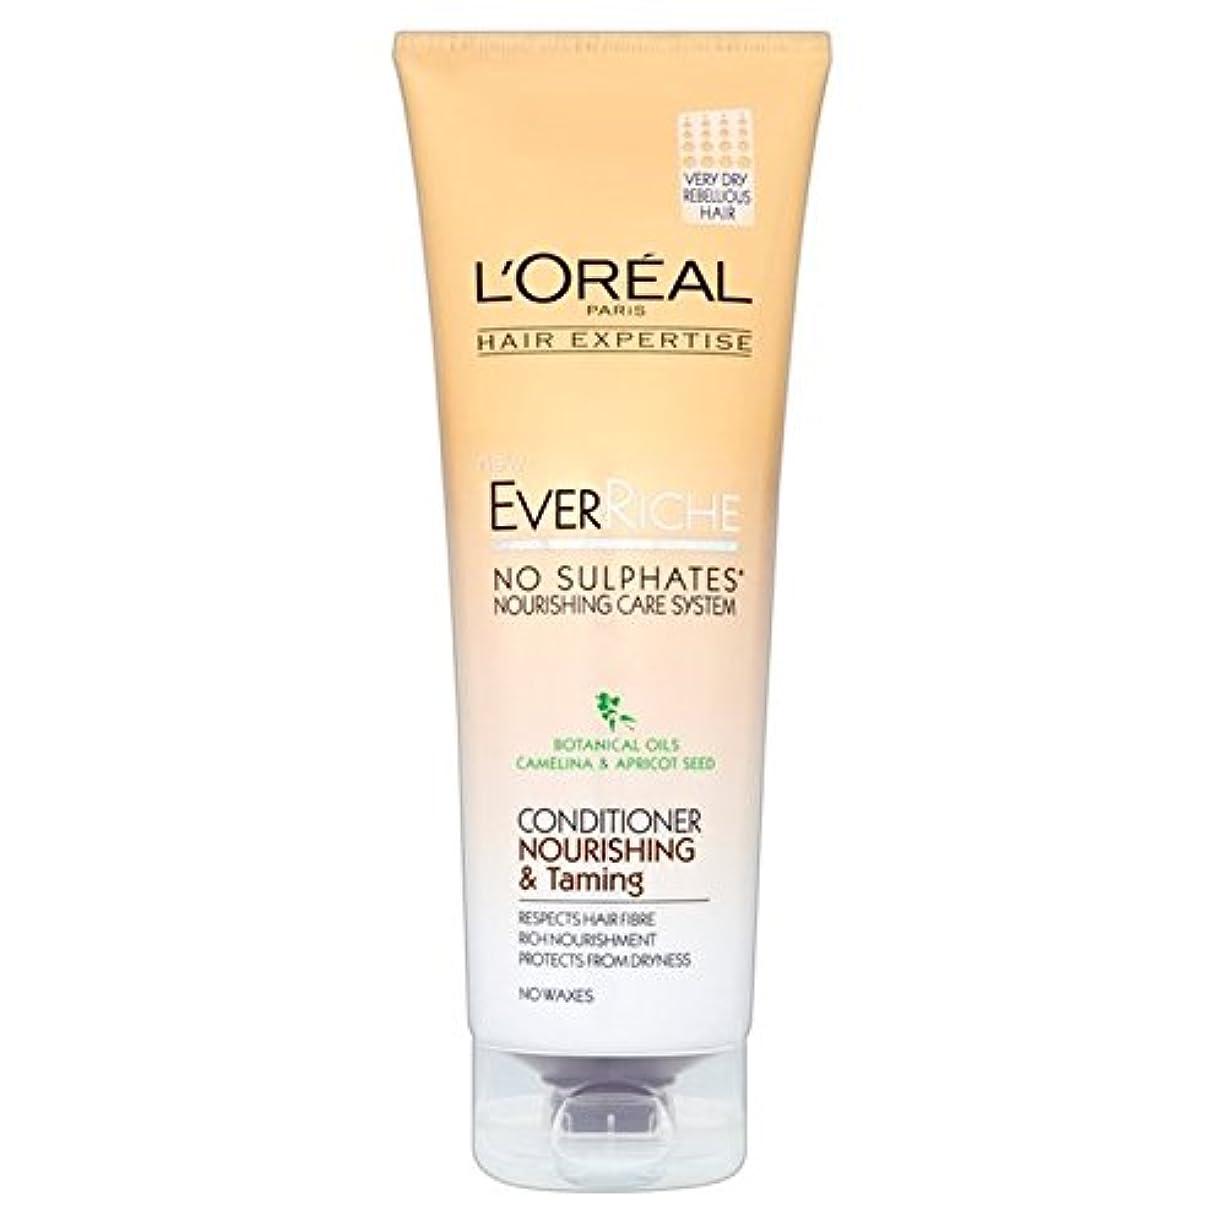 機関フェリーキャンドルロレアルの髪の専門知識、これまでリッシュコンディショナーヌール&調教250ミリリットル x4 - L'Oreal Hair Expertise Ever Riche Conditioner Nour & Taming 250ml...